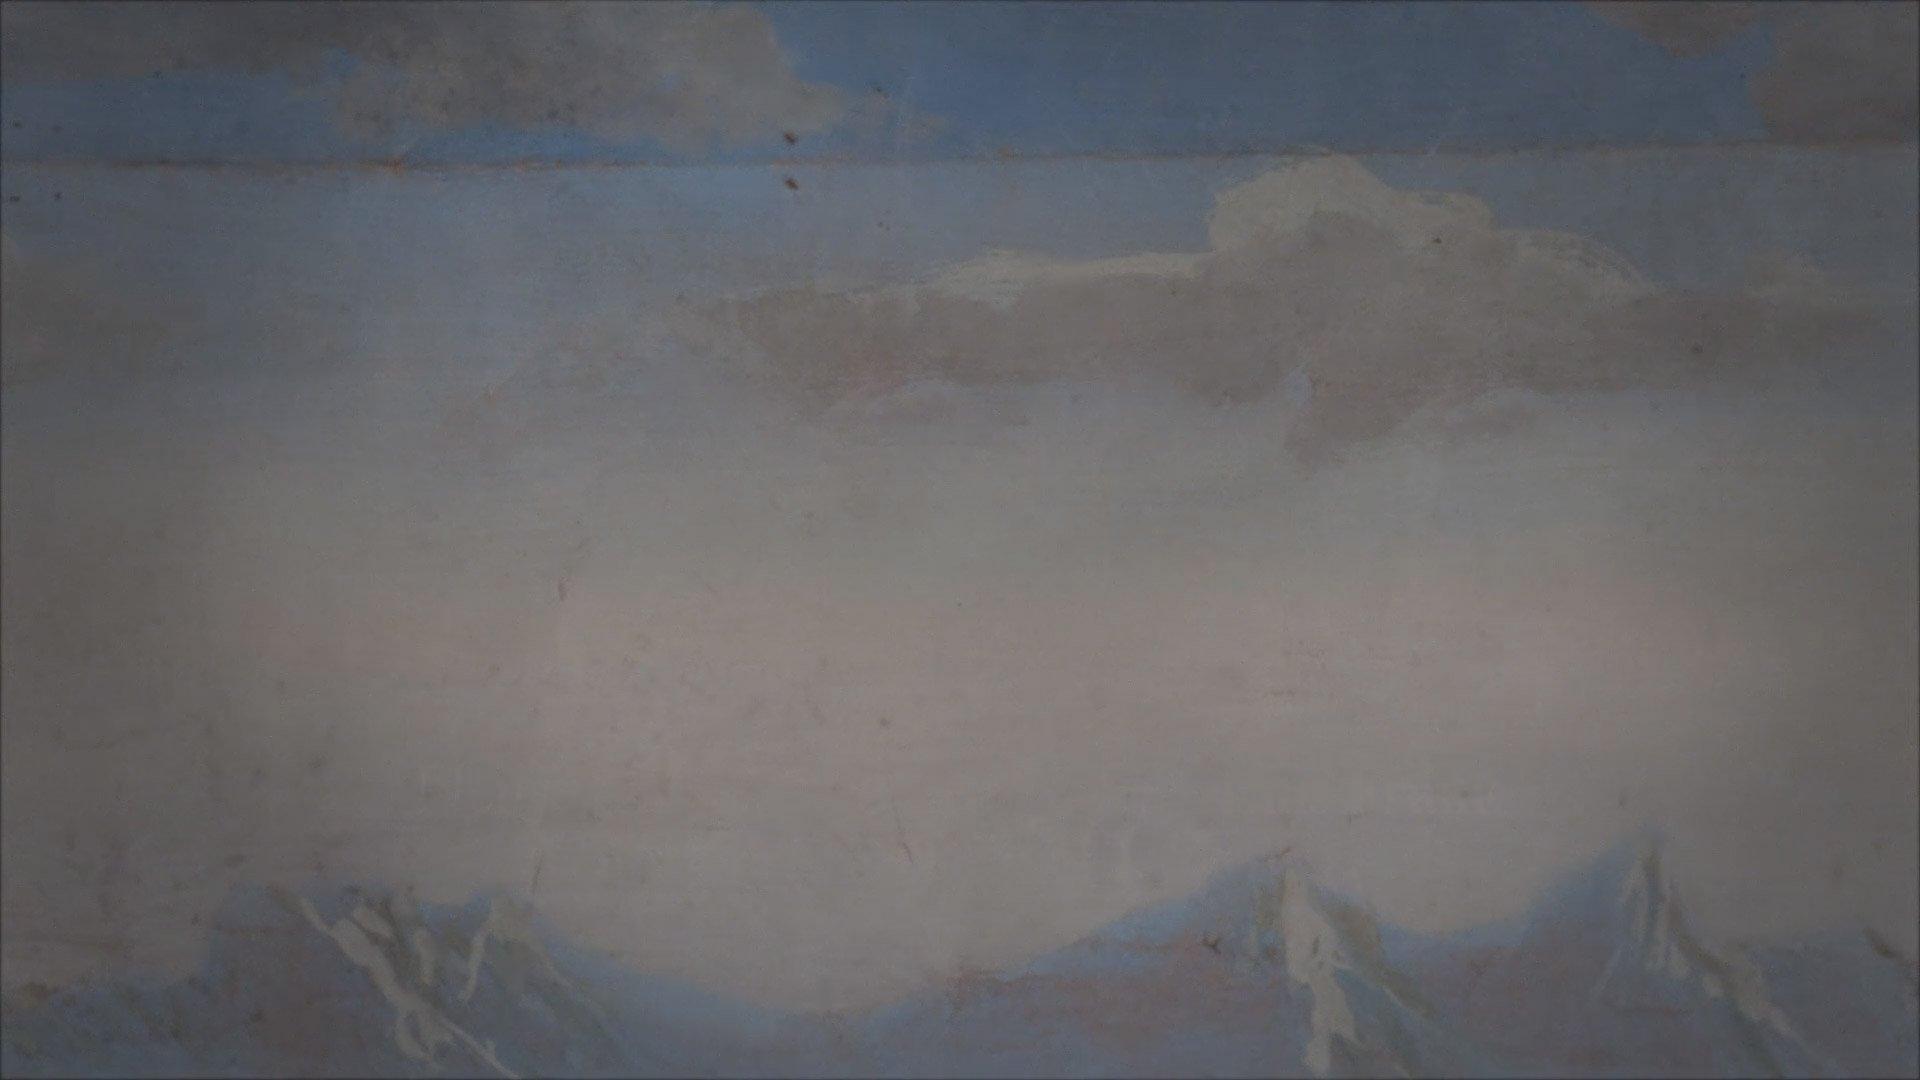 Novinky: Crib Diorama film